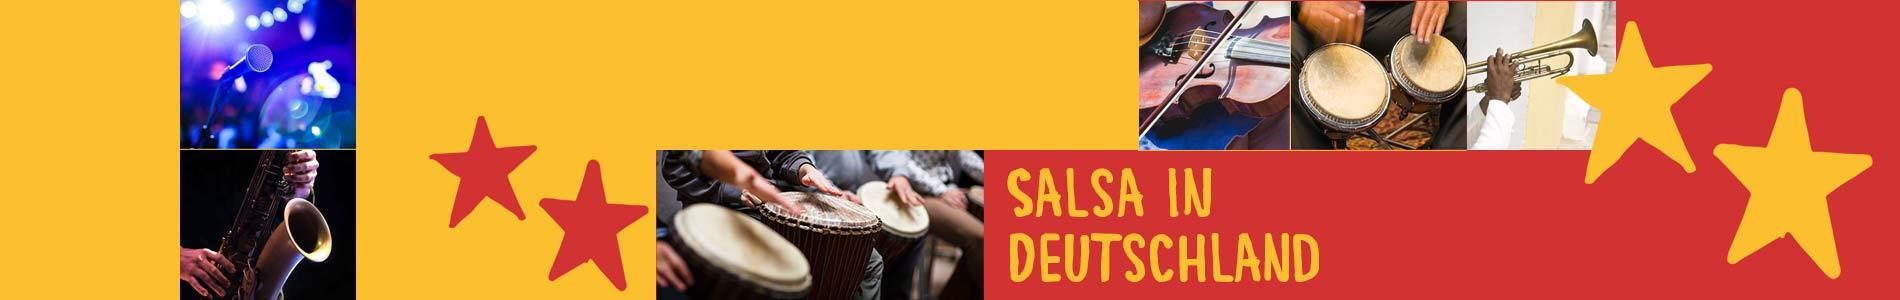 Salsa in Bornich – Salsa lernen und tanzen, Tanzkurse, Partys, Veranstaltungen